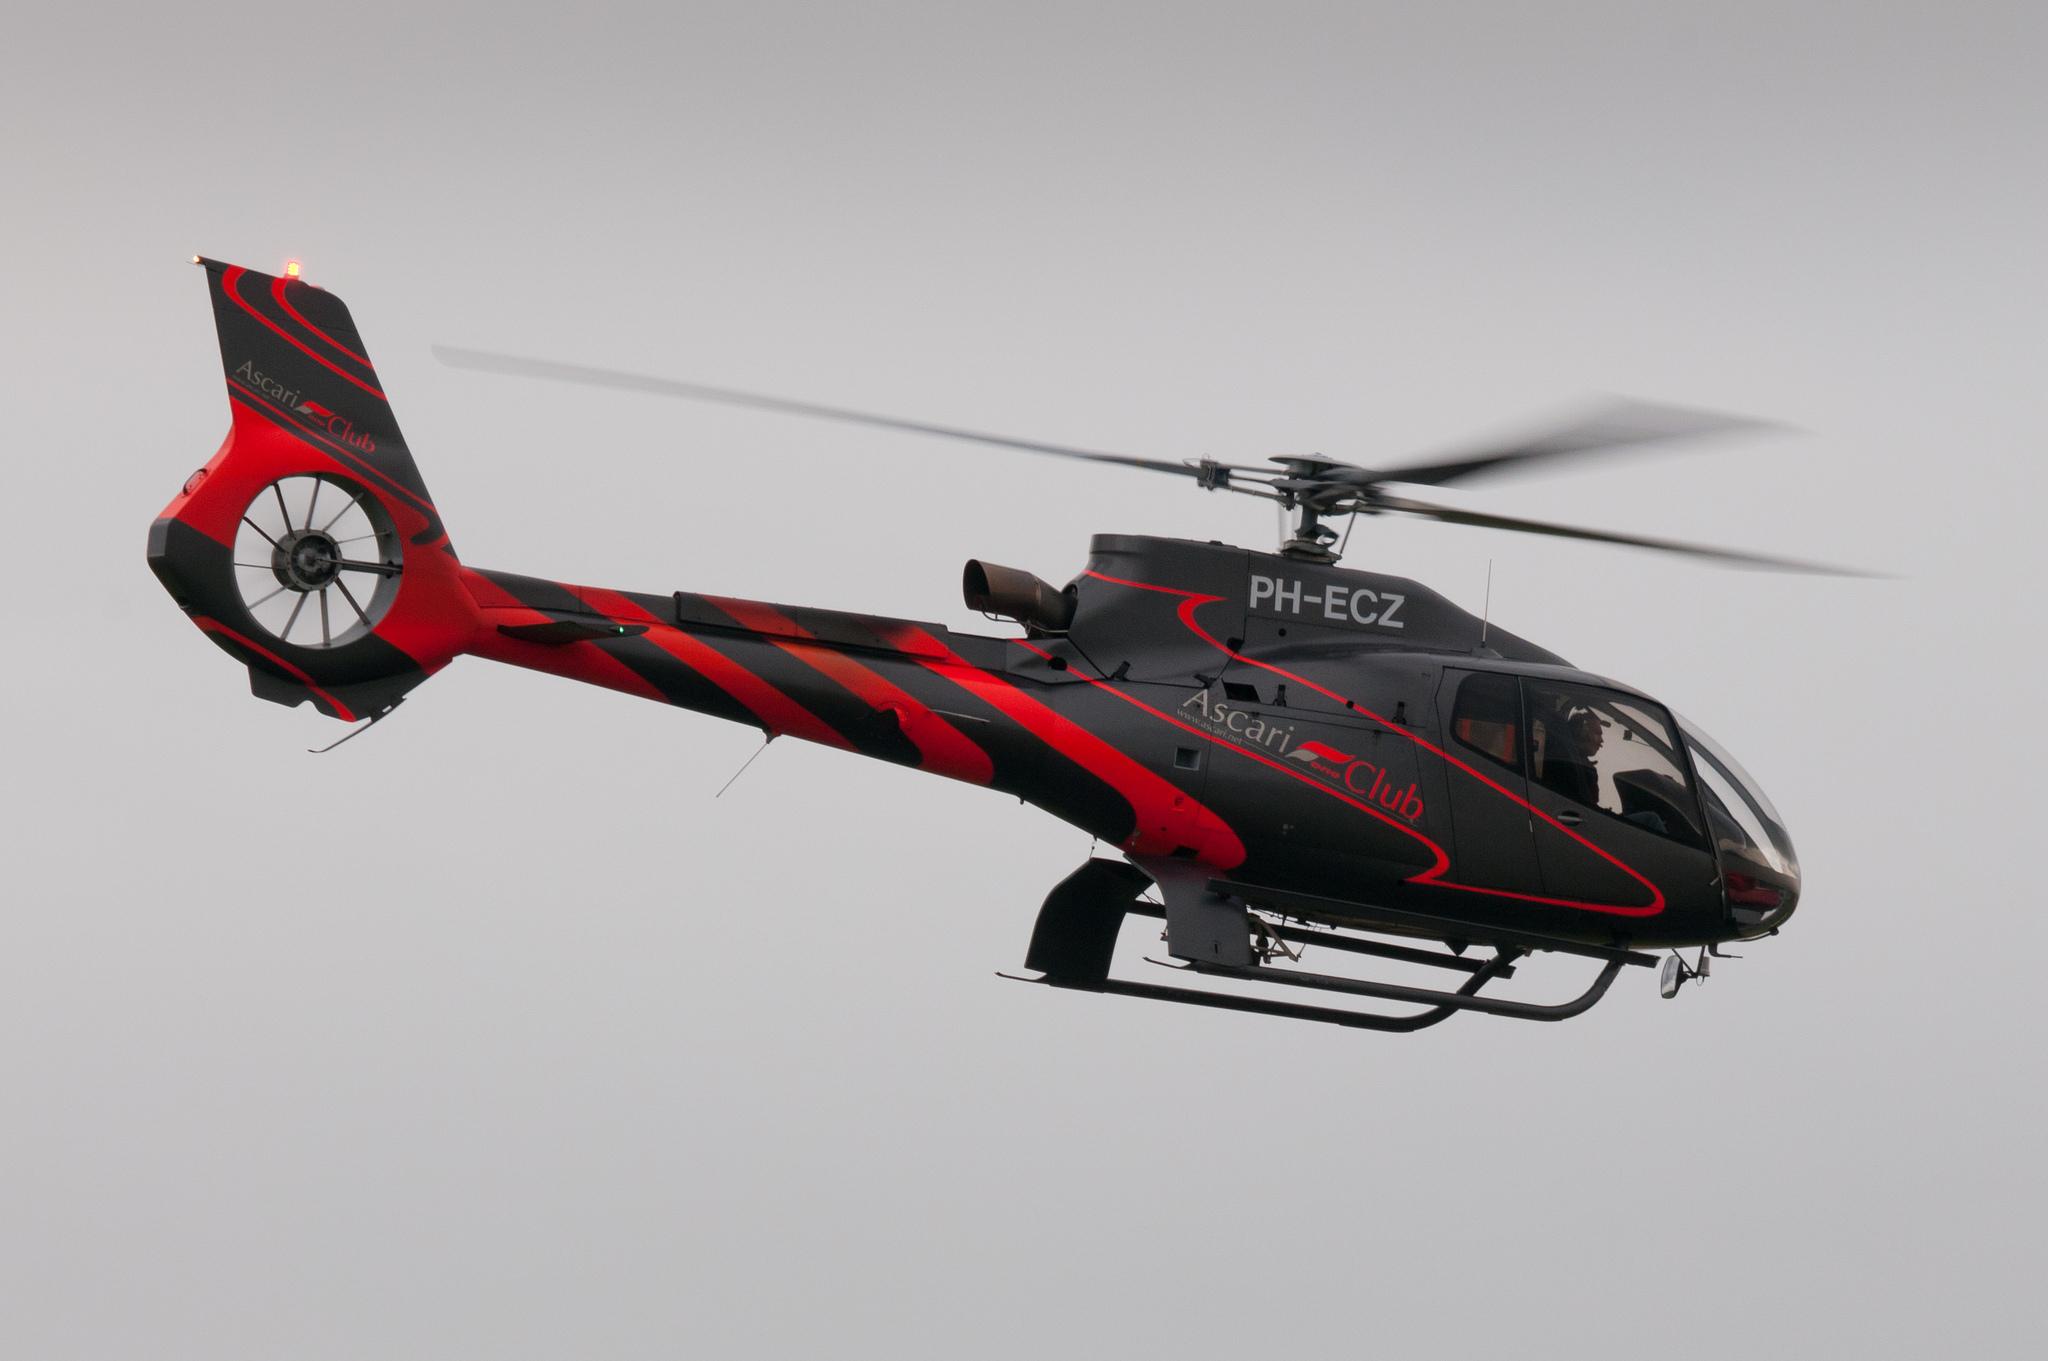 64464 Hintergrundbild herunterladen Hubschrauber, Verschiedenes, Sonstige, Eurocopter, Ec130, Ph-Ecz, Ph-Ekz - Bildschirmschoner und Bilder kostenlos